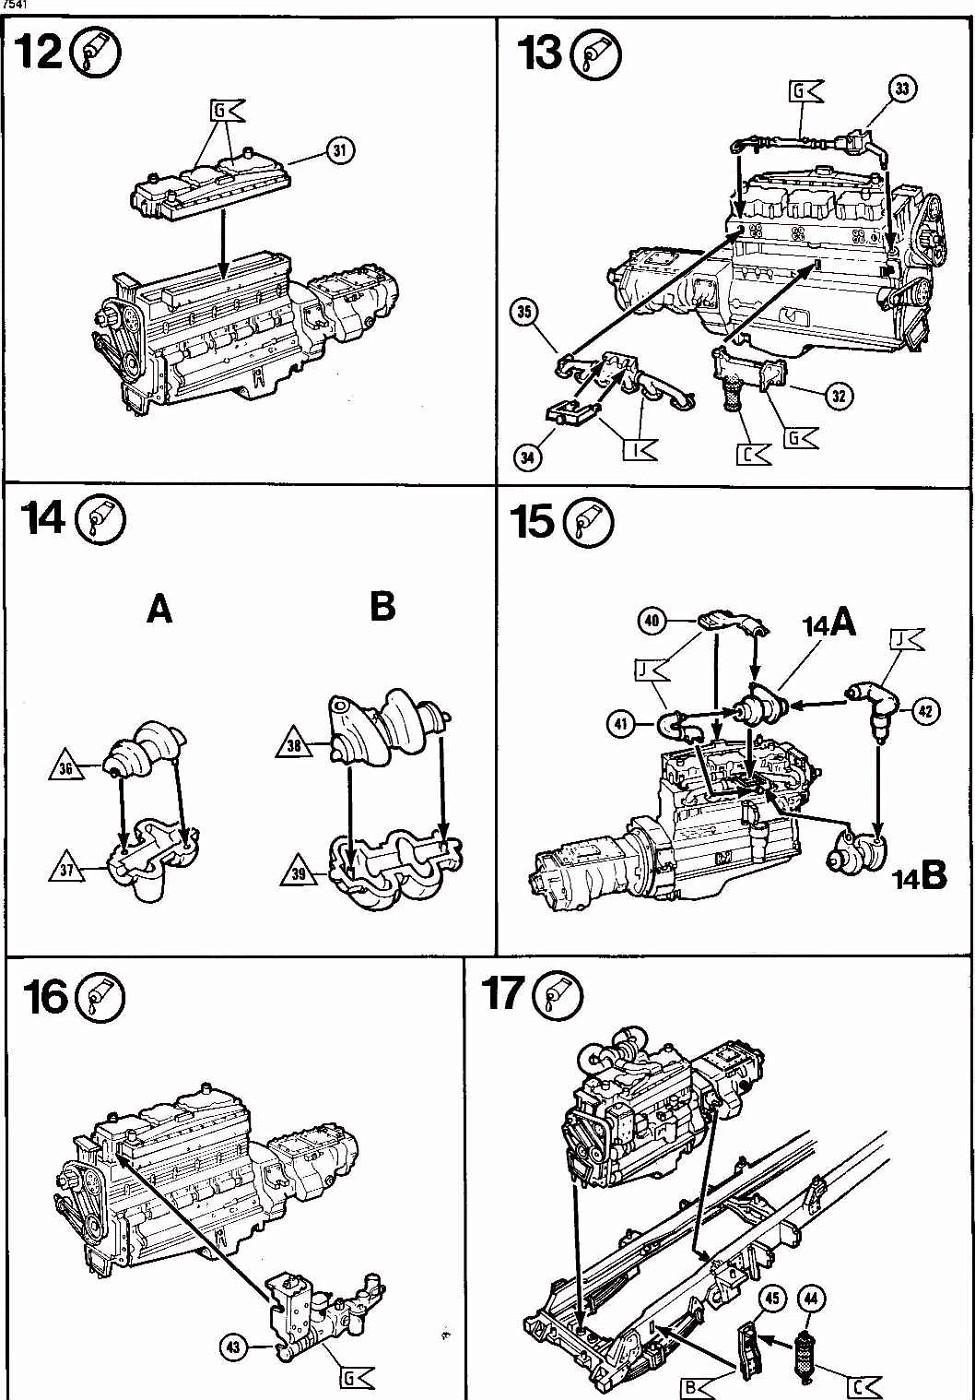 Manual For Peterbilt